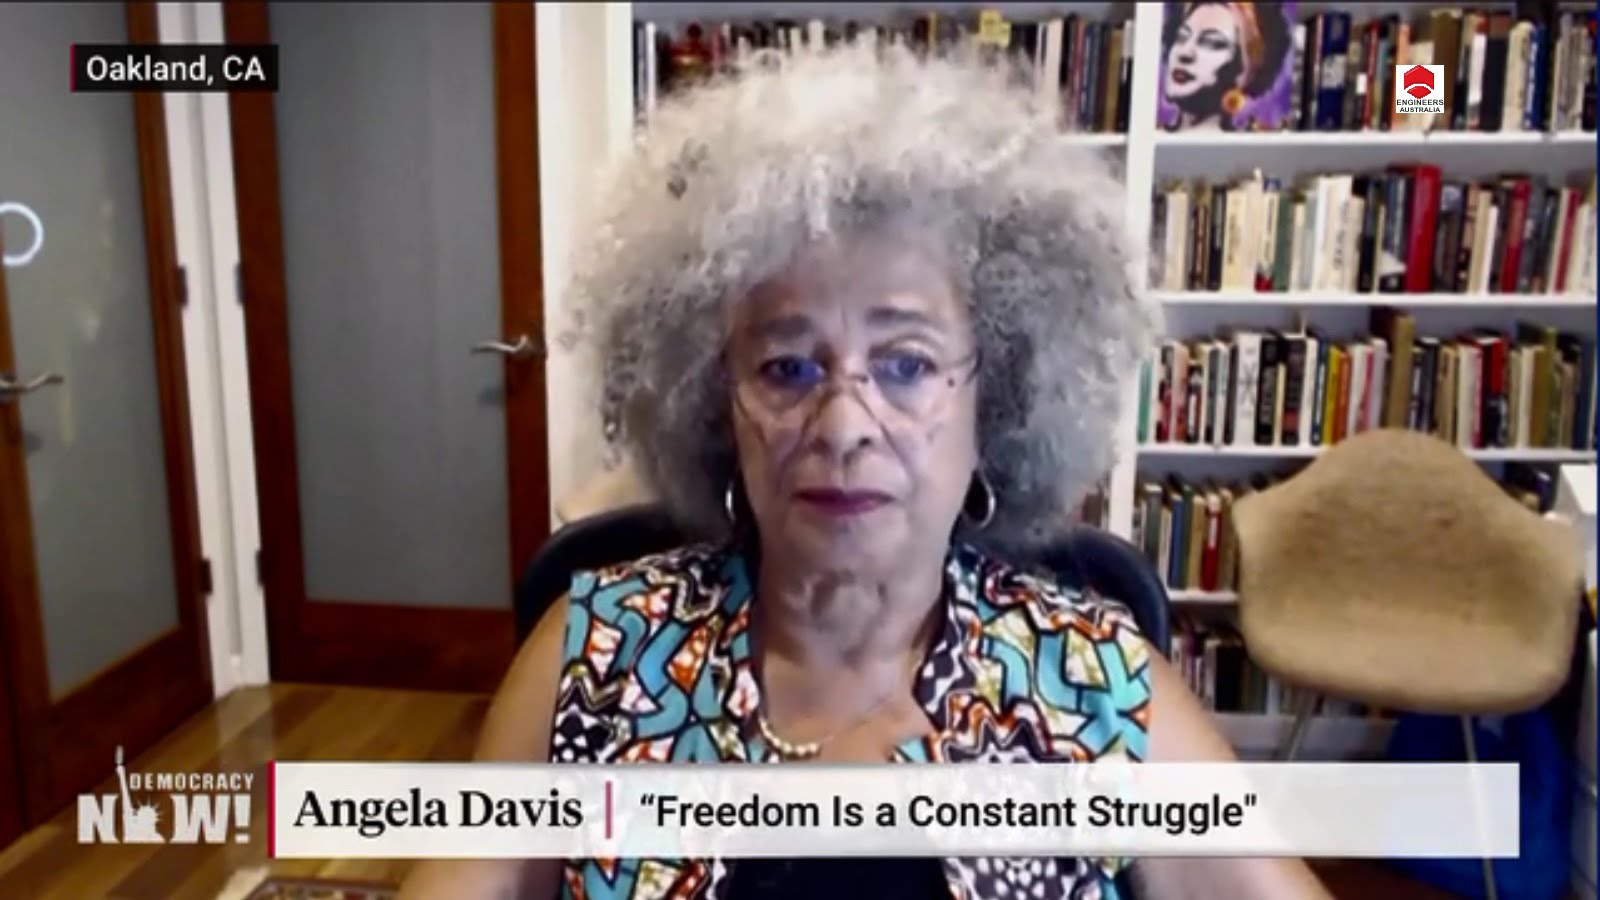 https://www.democracynow.org/2020/6/12/angela_davis_on_abolition_calls_to